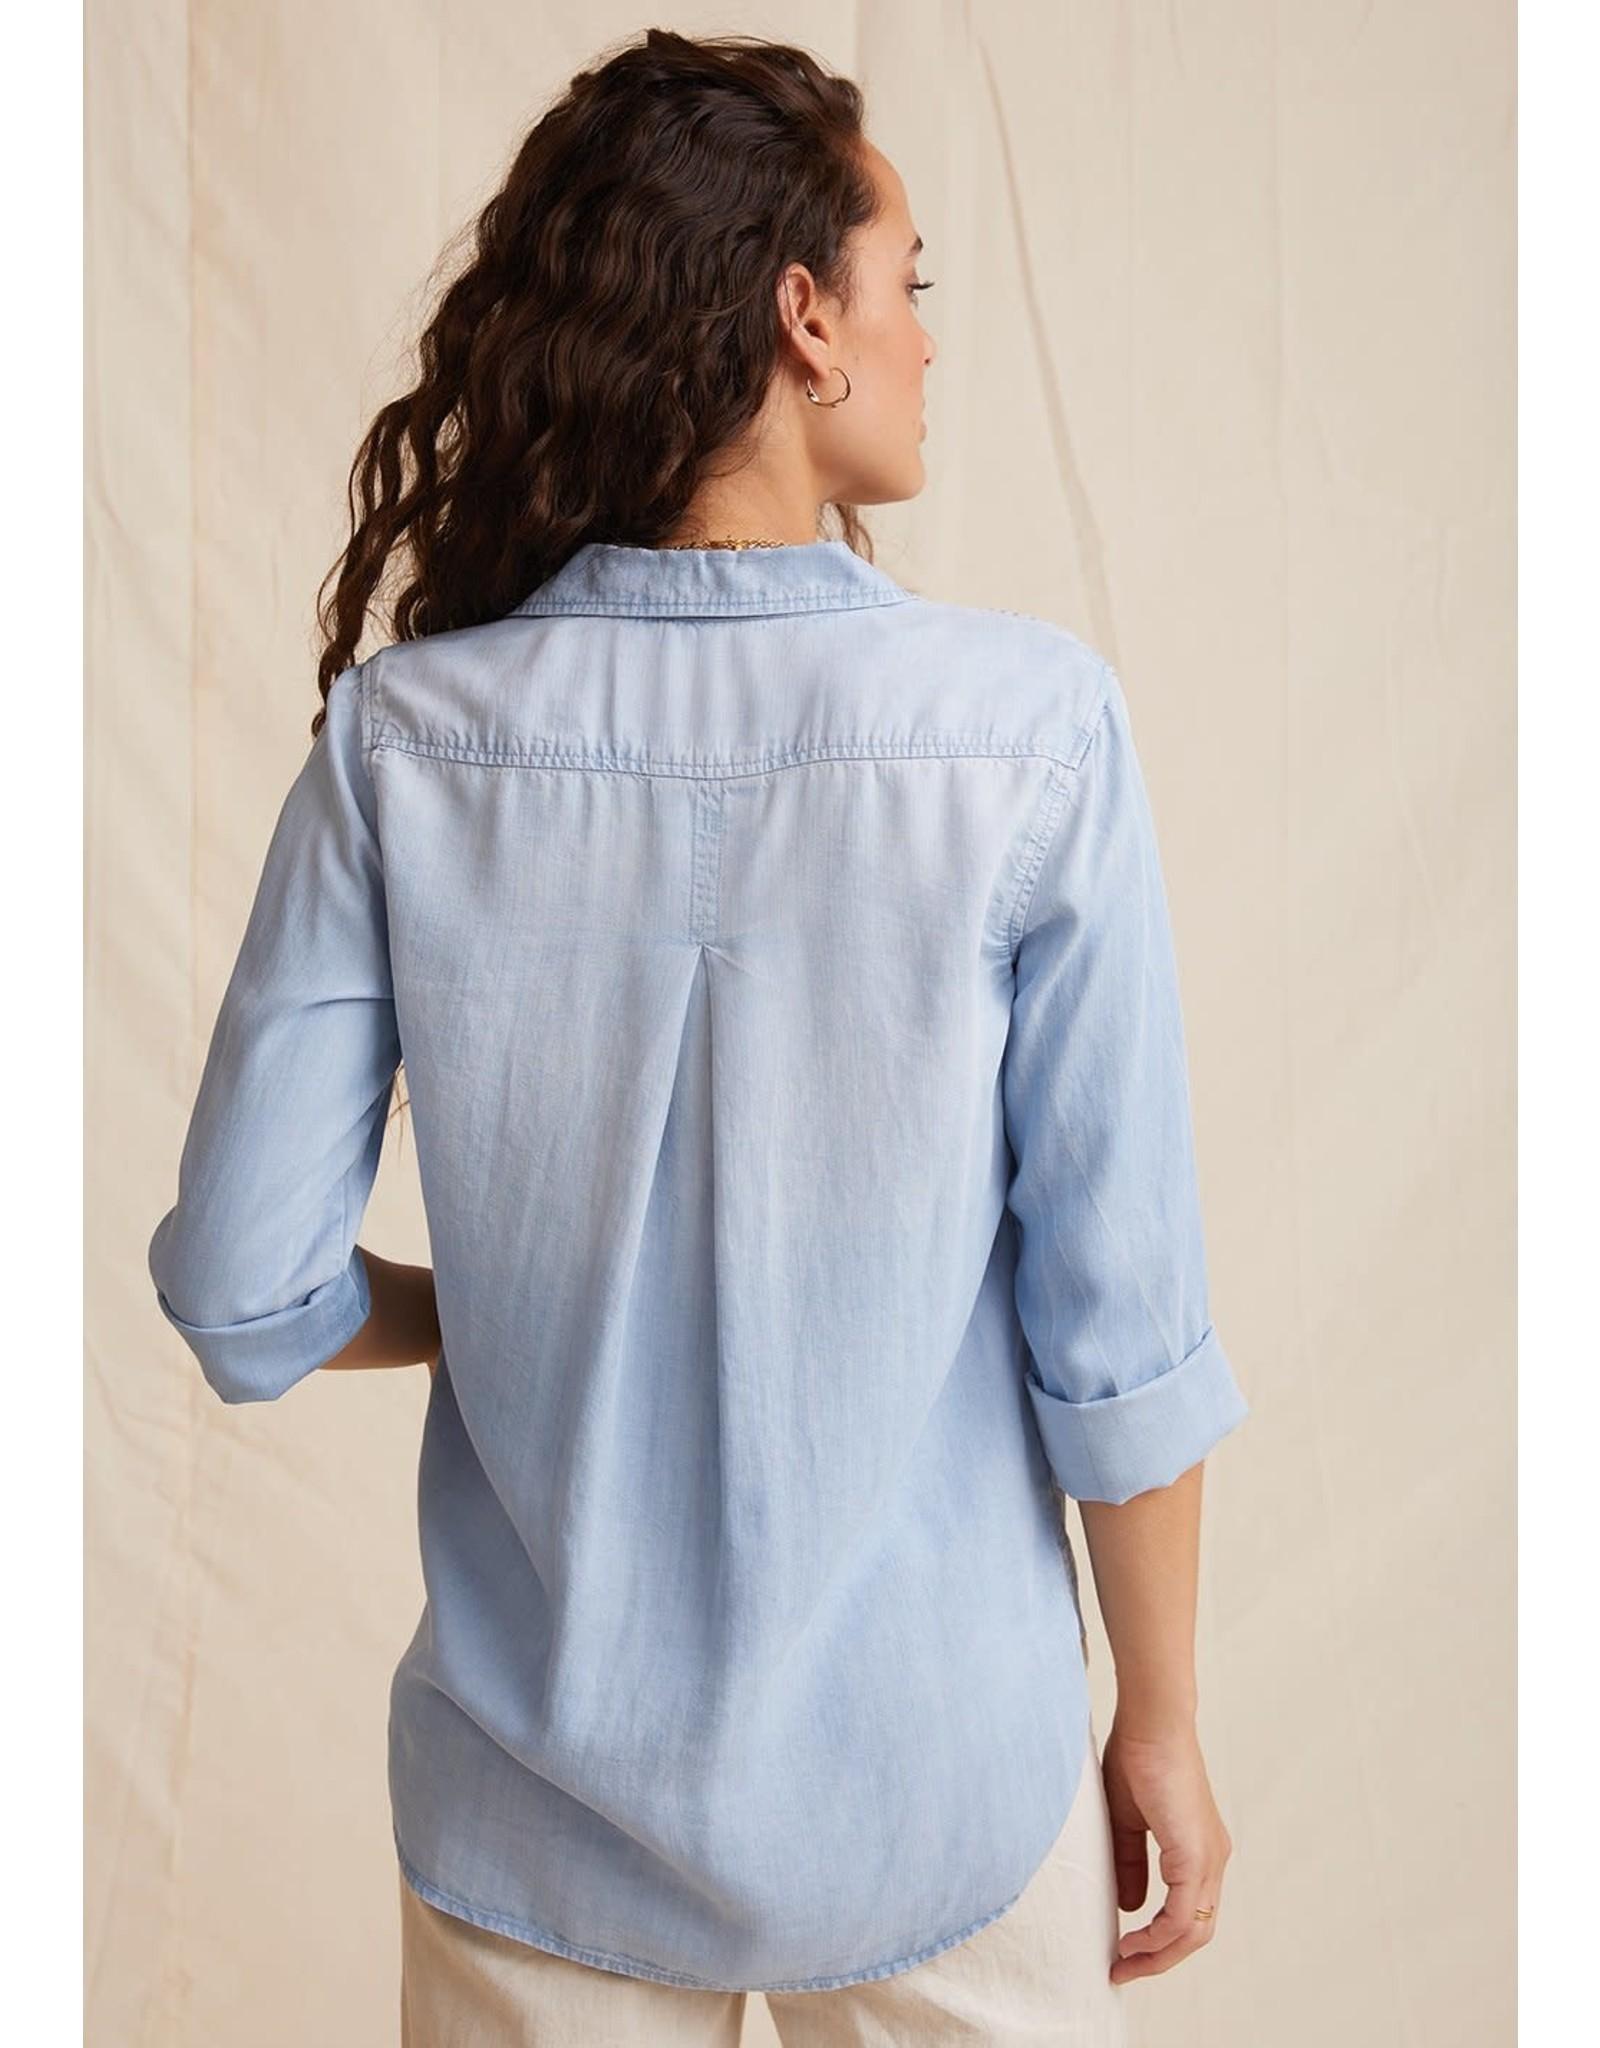 Bella Dahl Bella Dahl Shirt Tail Buttondown